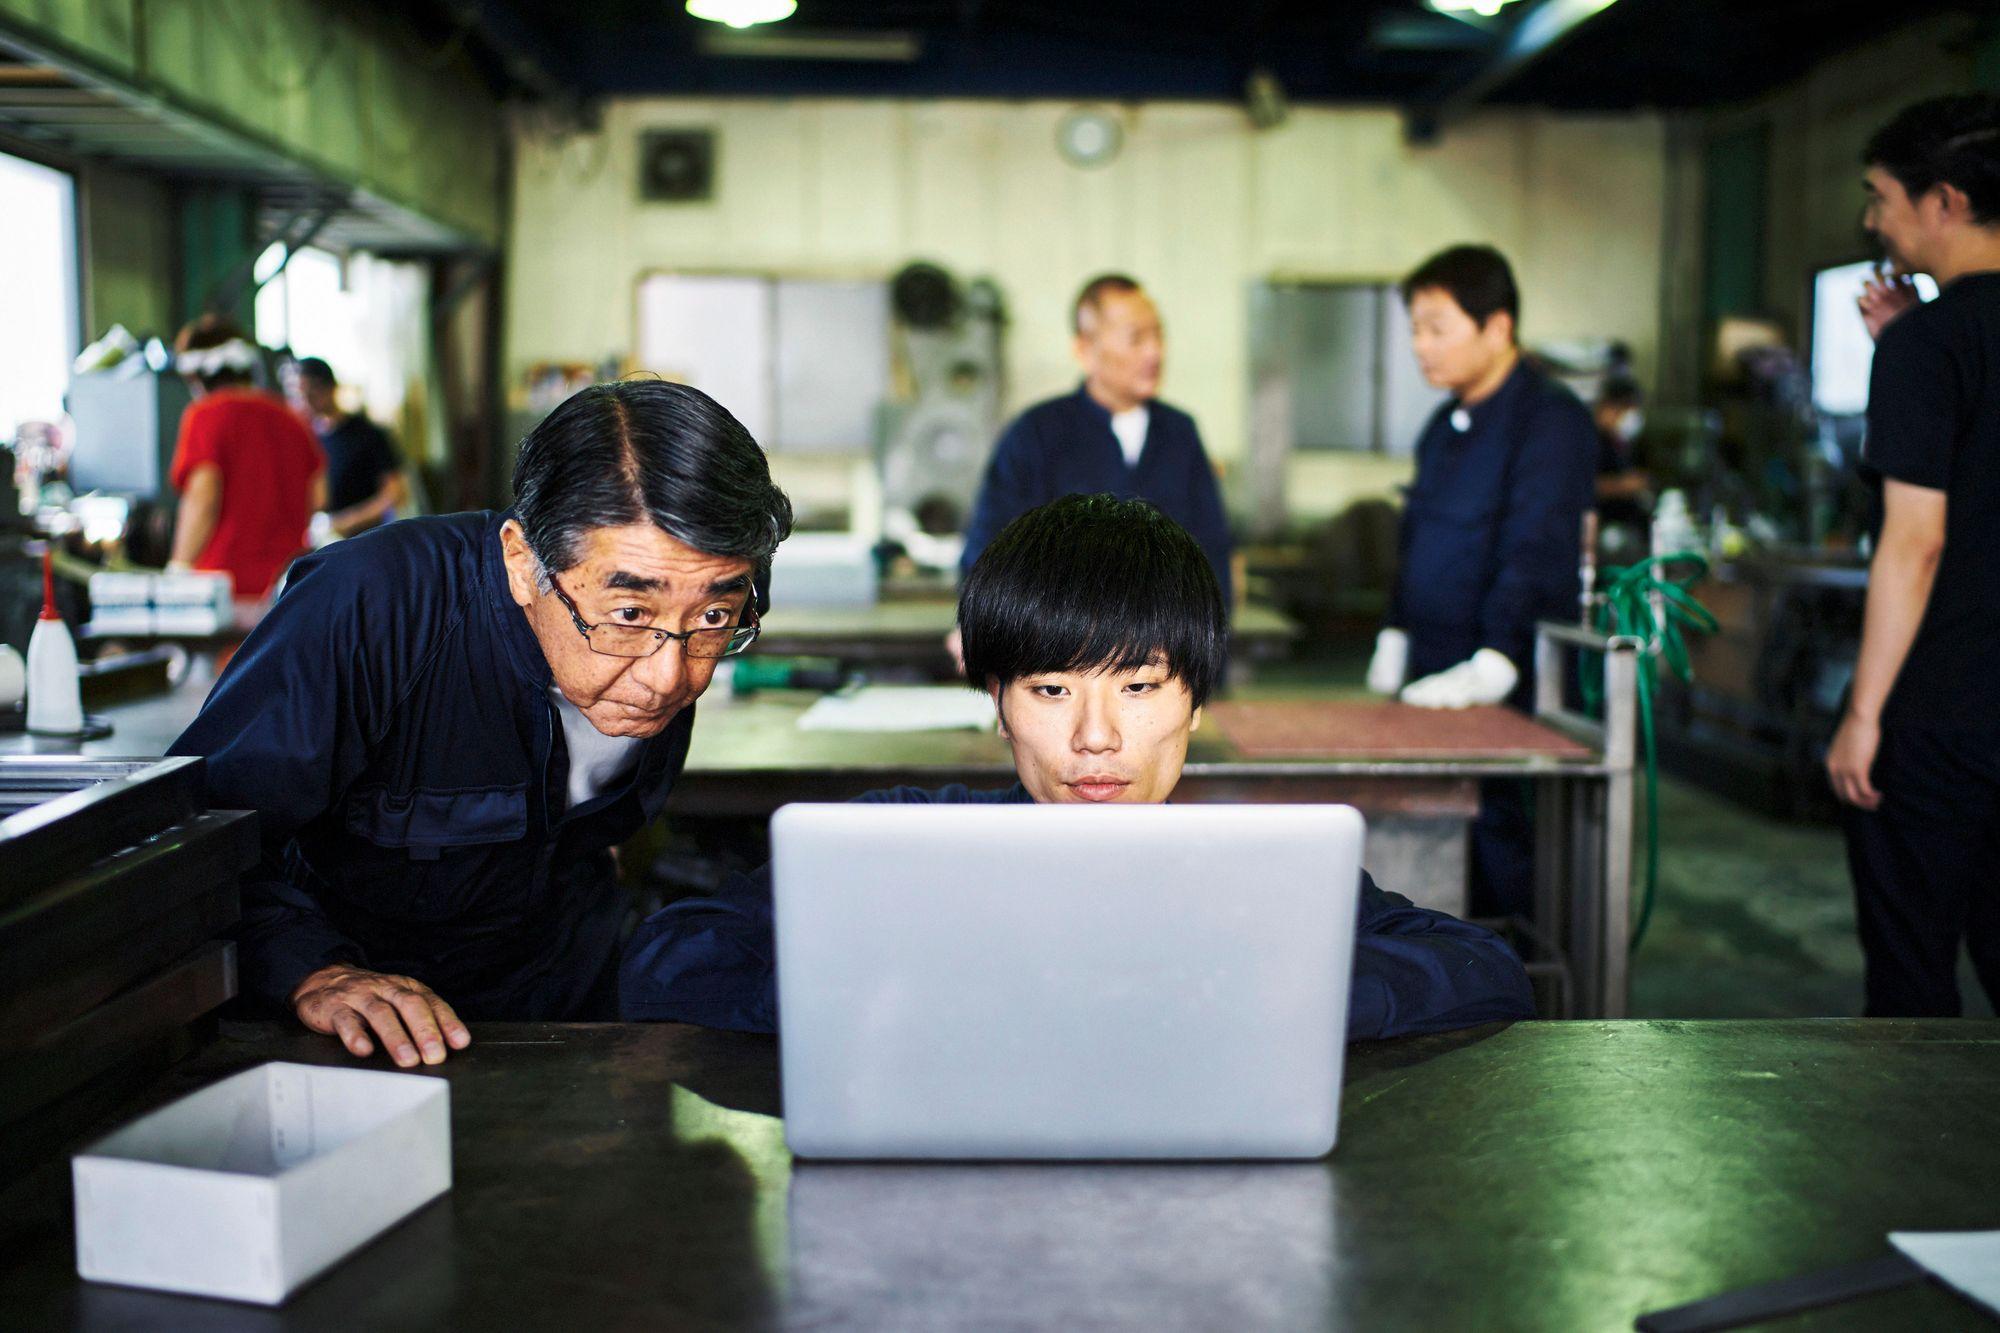 コロナ後へ中小企業の業態転換促す補助金、採択金額は2200億円に